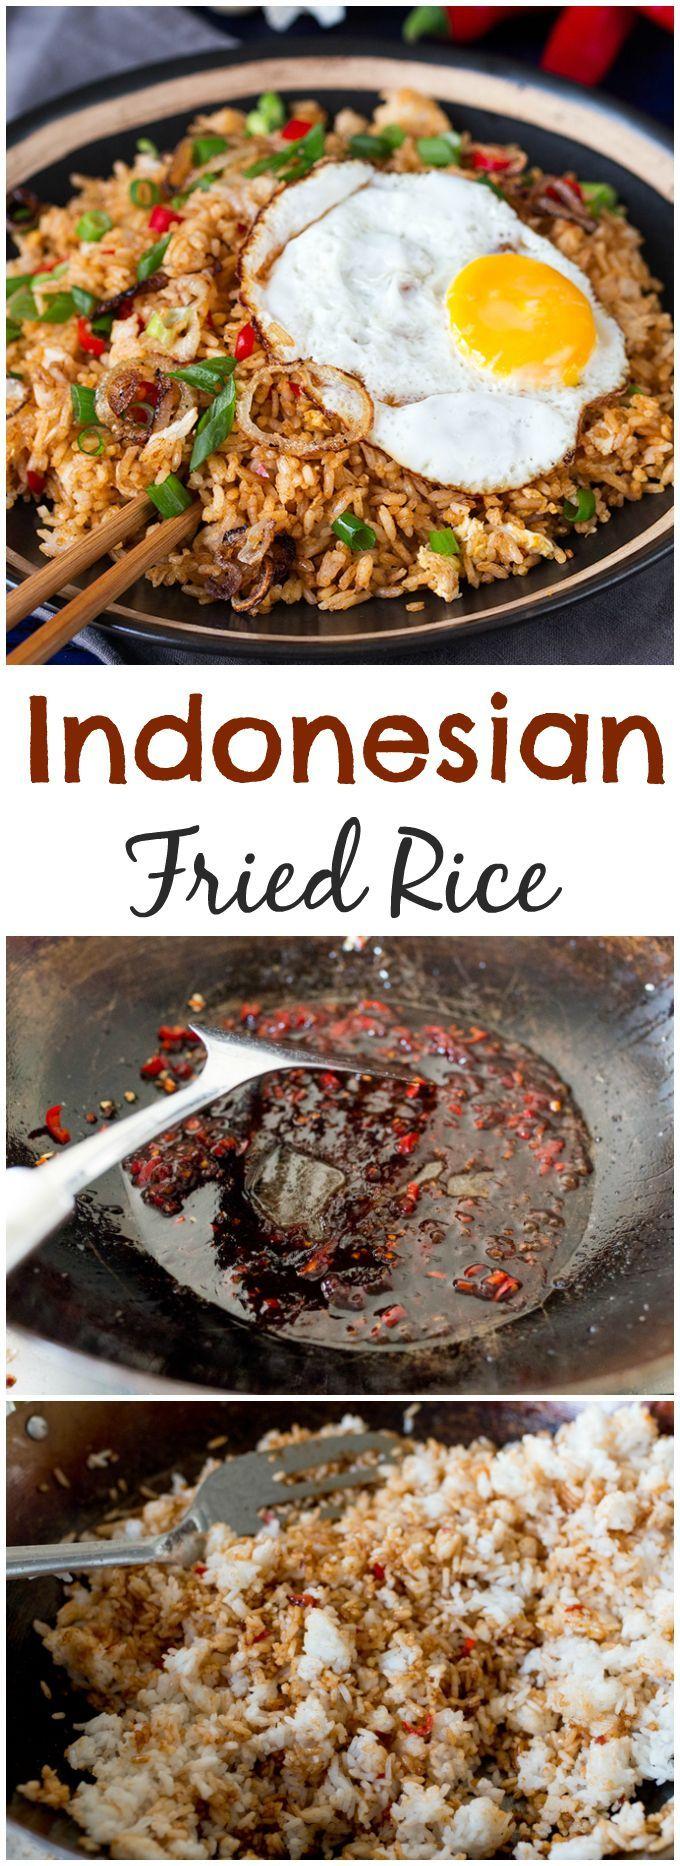 Eten. Ik ben ook dol op enorm pittig eten, vooral Indisch eten. Op familiefeesten eten wij specialiteiten van Indonesie/ Papua zoals eten dat heet papeda, gerechten van zoete aardappel, mumu, kipschotel, gadogado en nog veel meer.